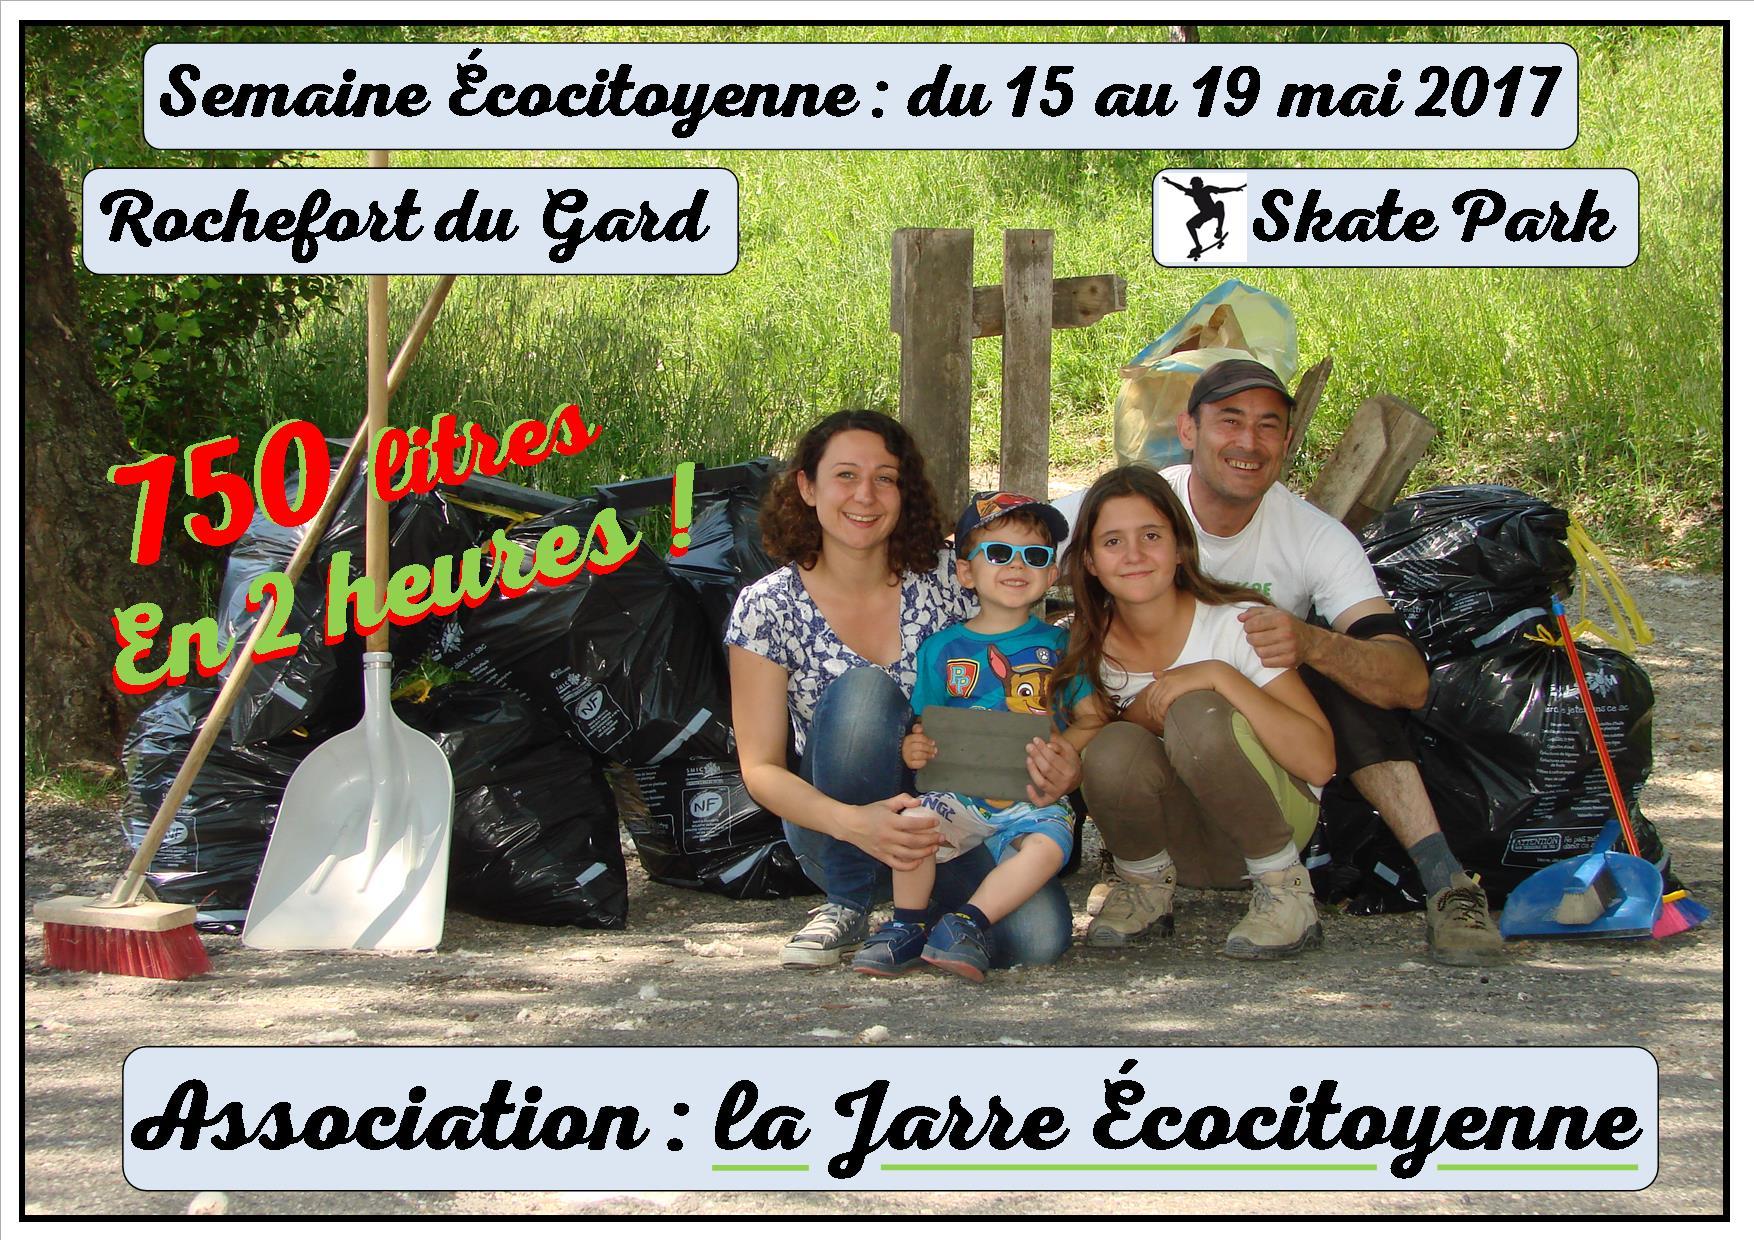 Semaine écocitoyenne - Nettoyage du skate park - 750 litres en 12 heures - Asso la jarre écocitoyenne